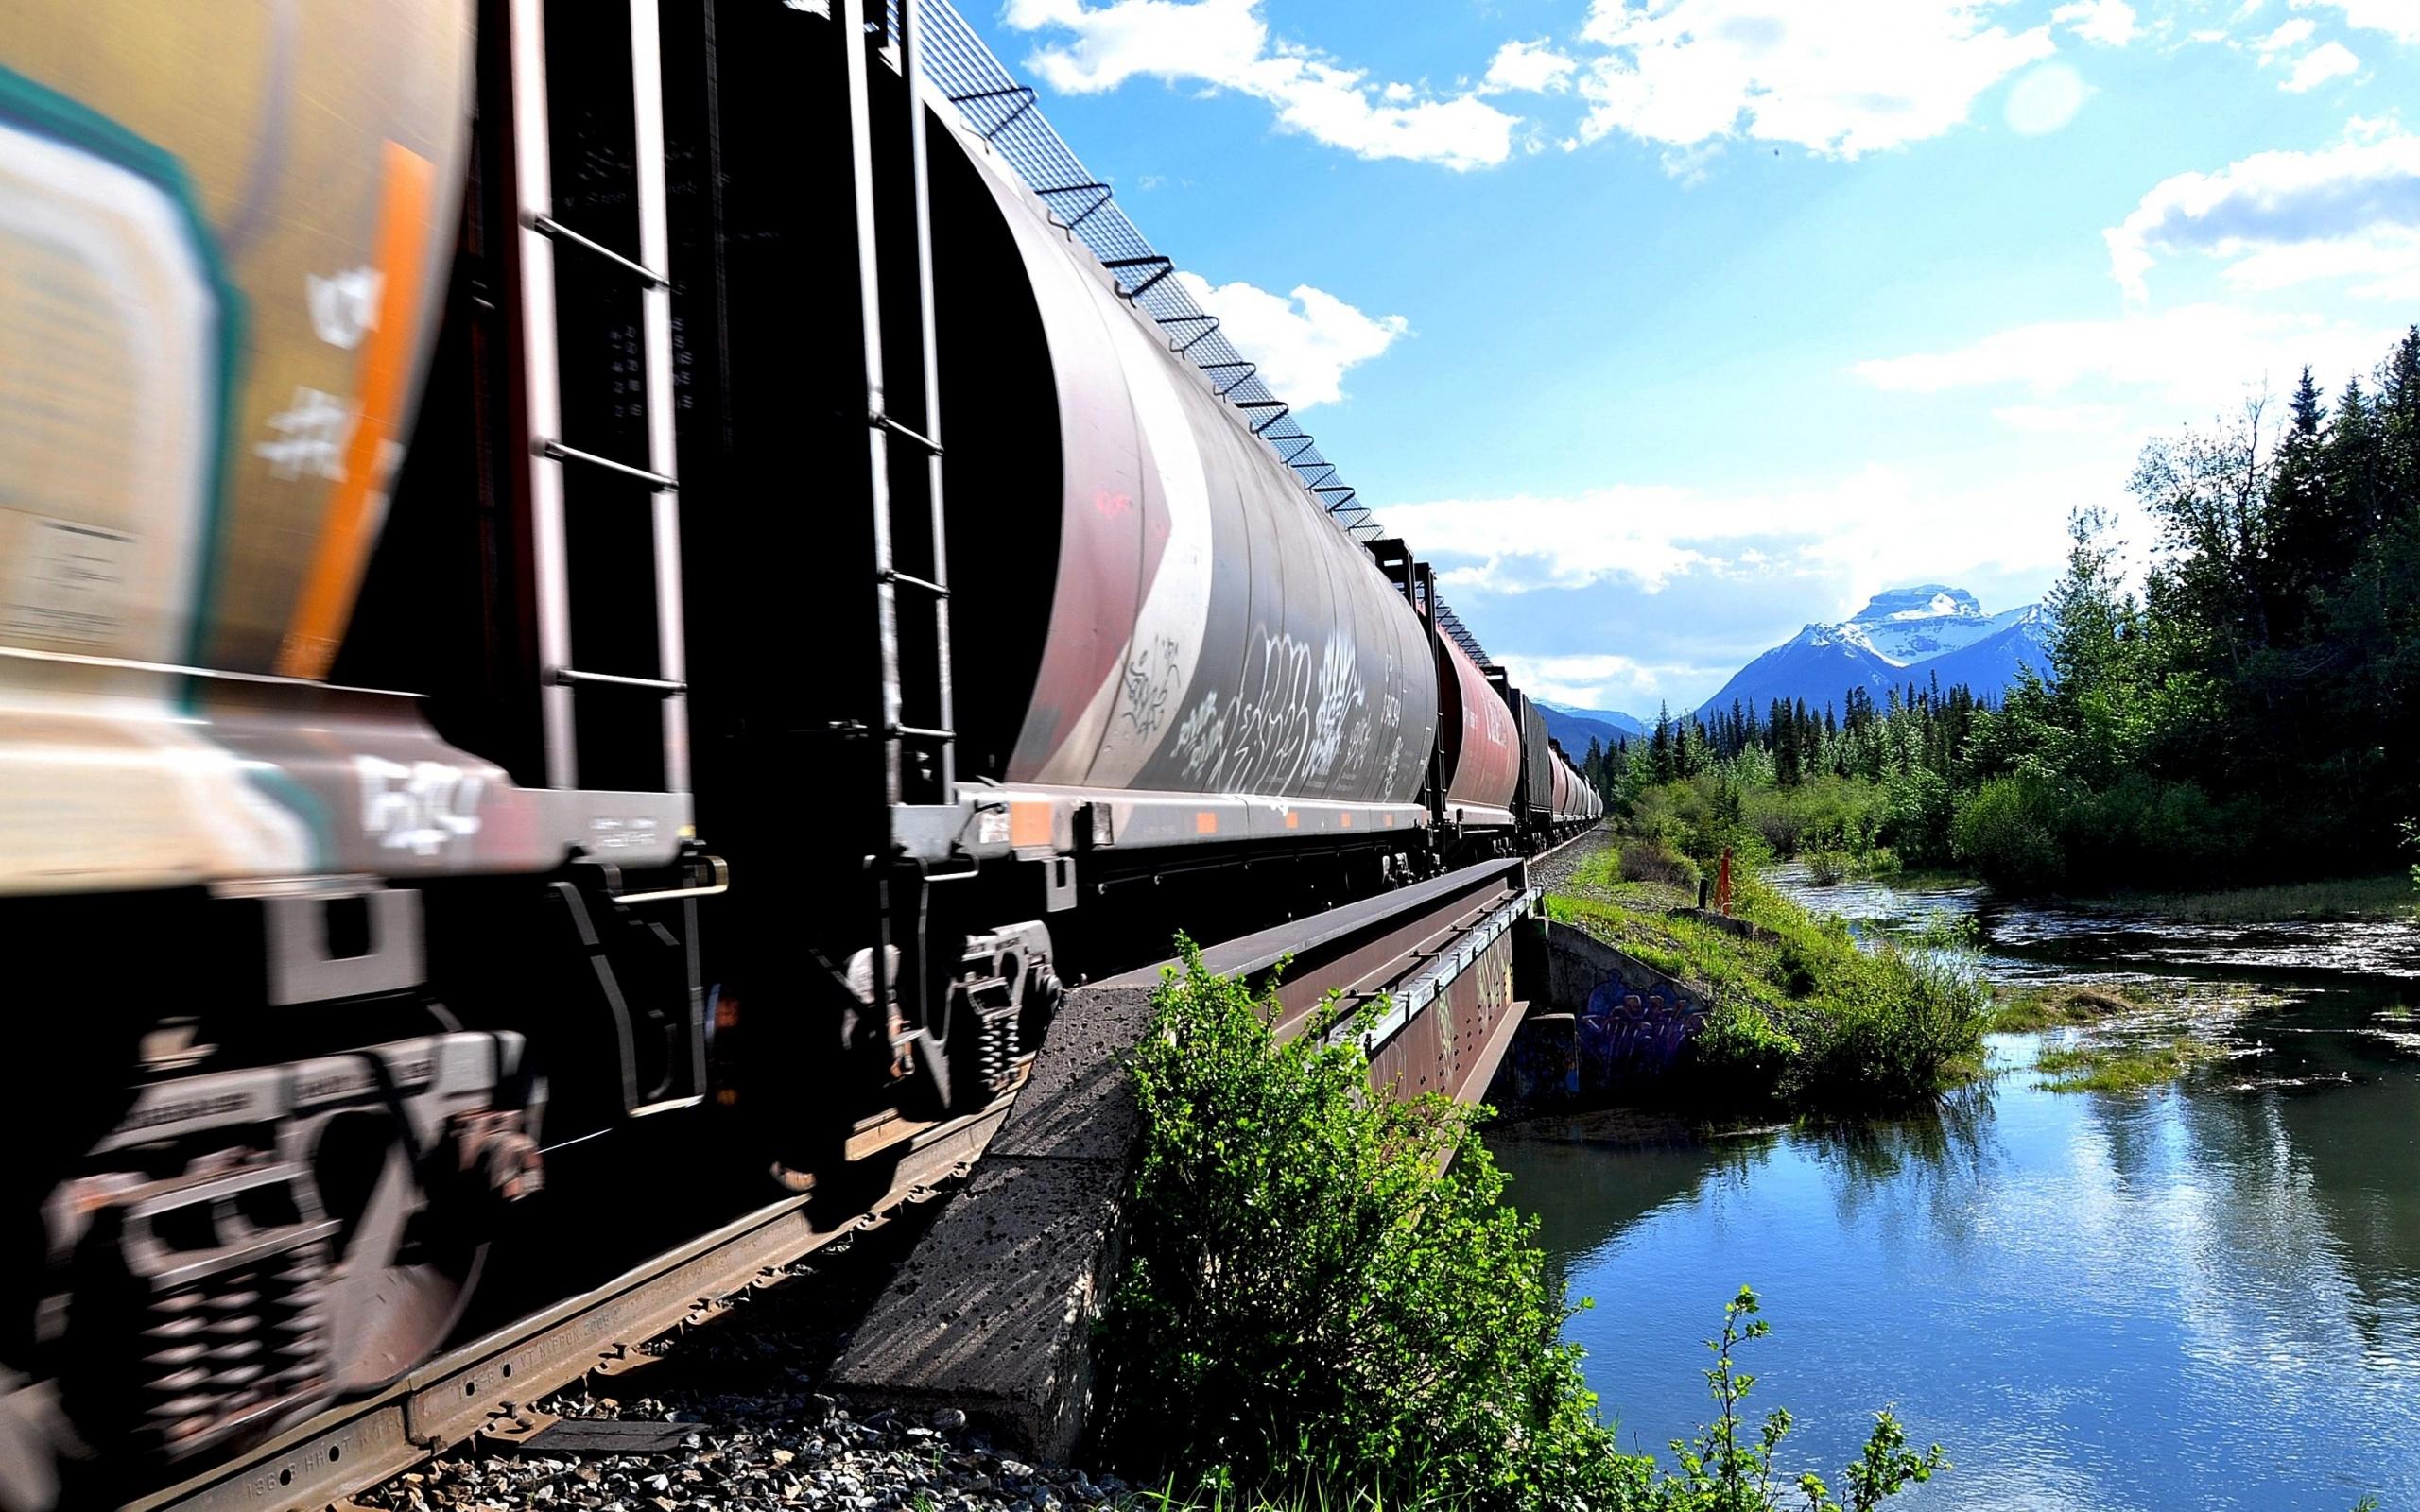 40149壁紙のダウンロード輸送, 列車-スクリーンセーバーと写真を無料で